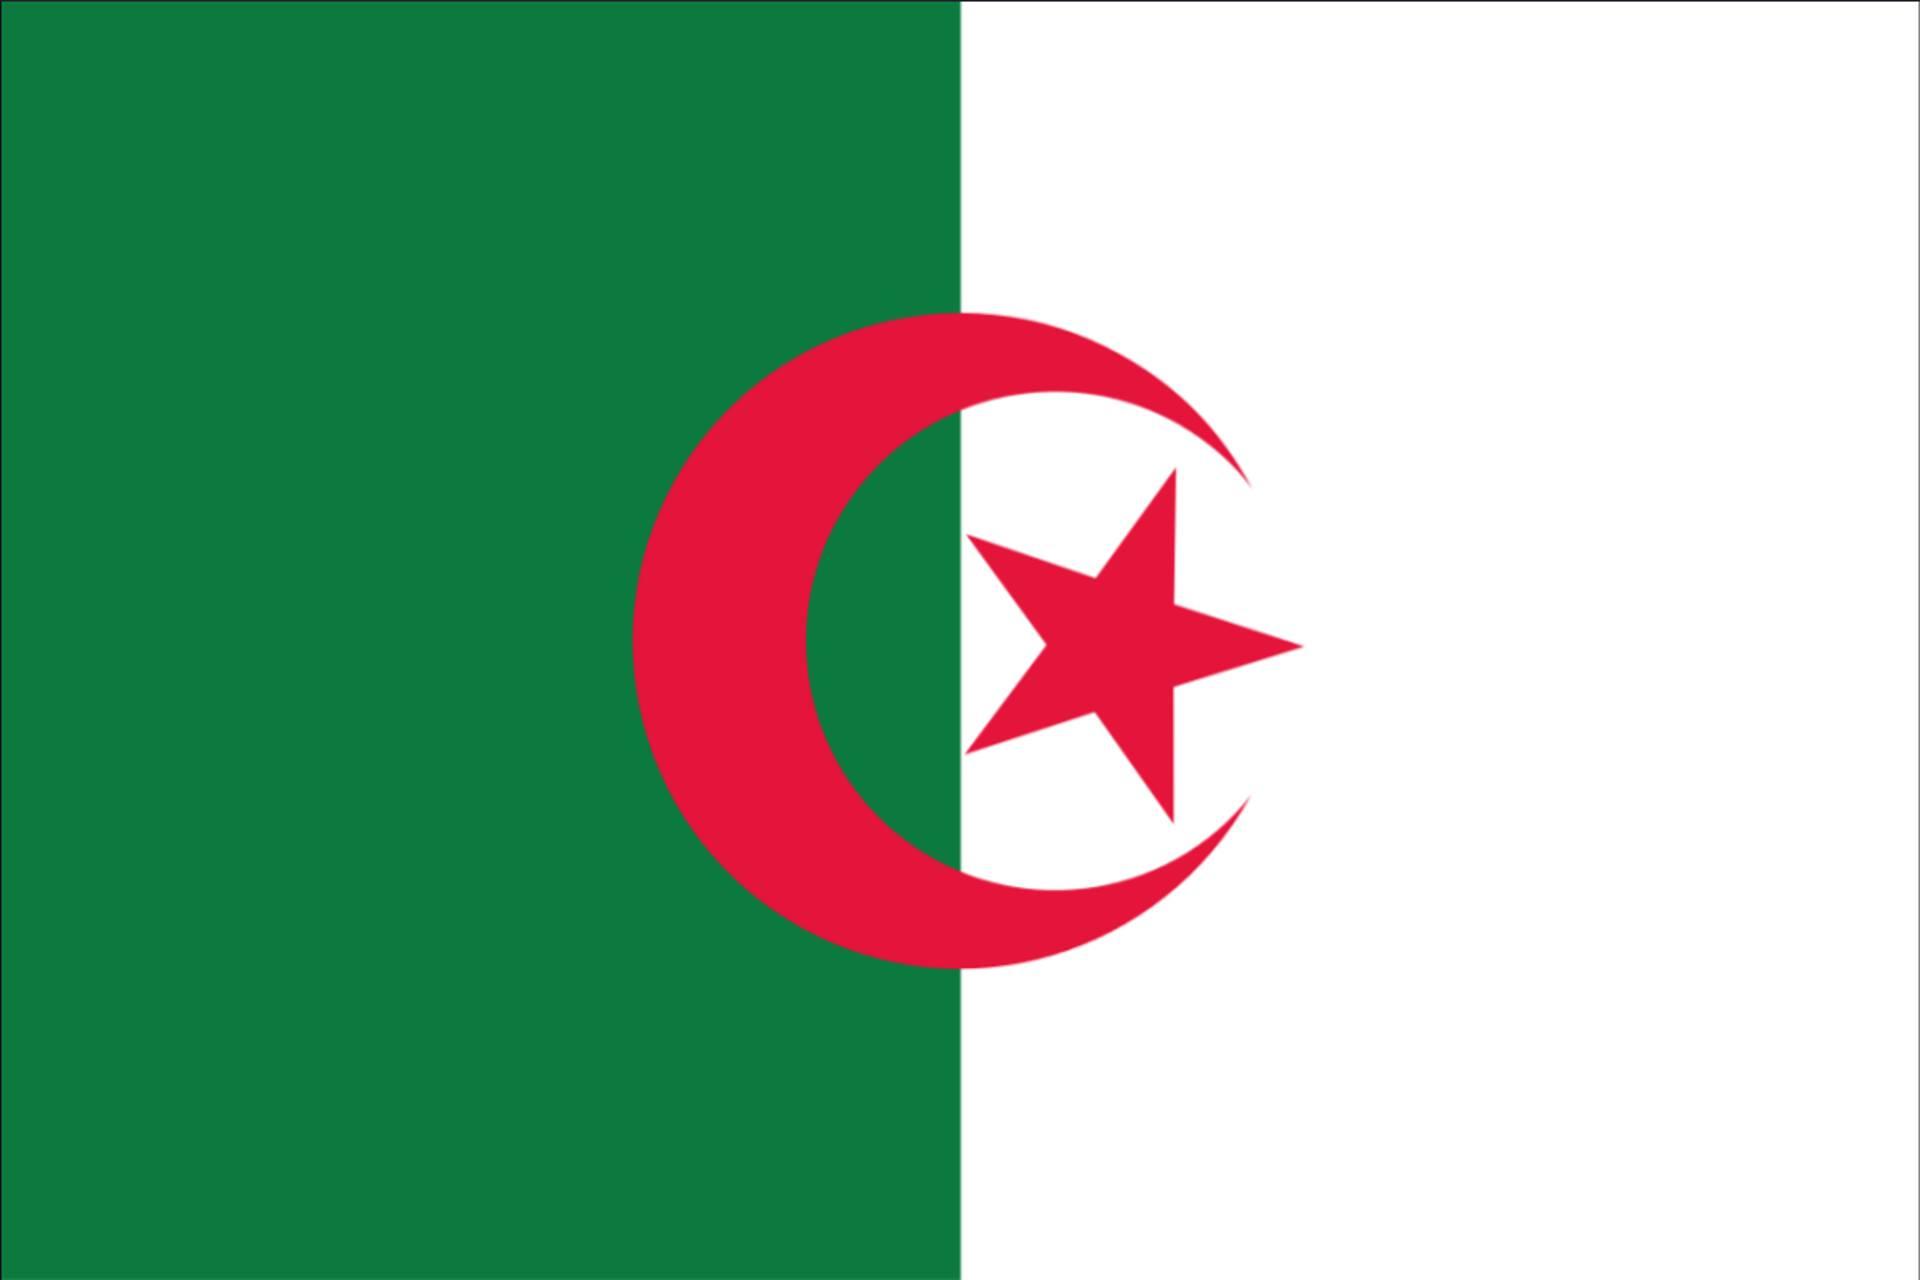 Flagge Algerien 160 g/m² Querformat